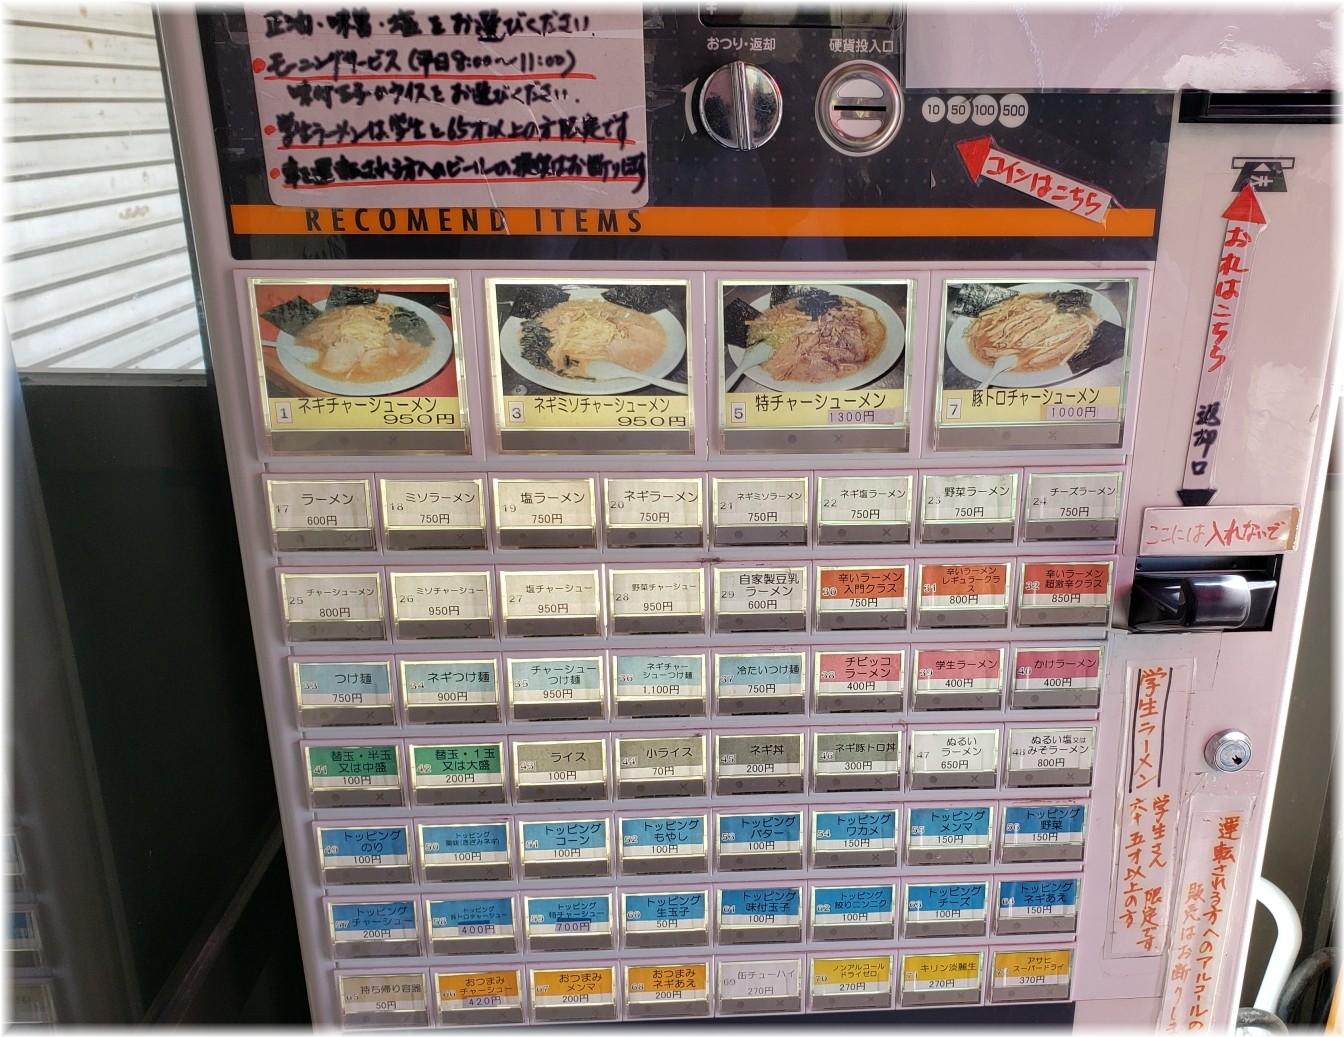 ラーメンショップ金田亭 食券機